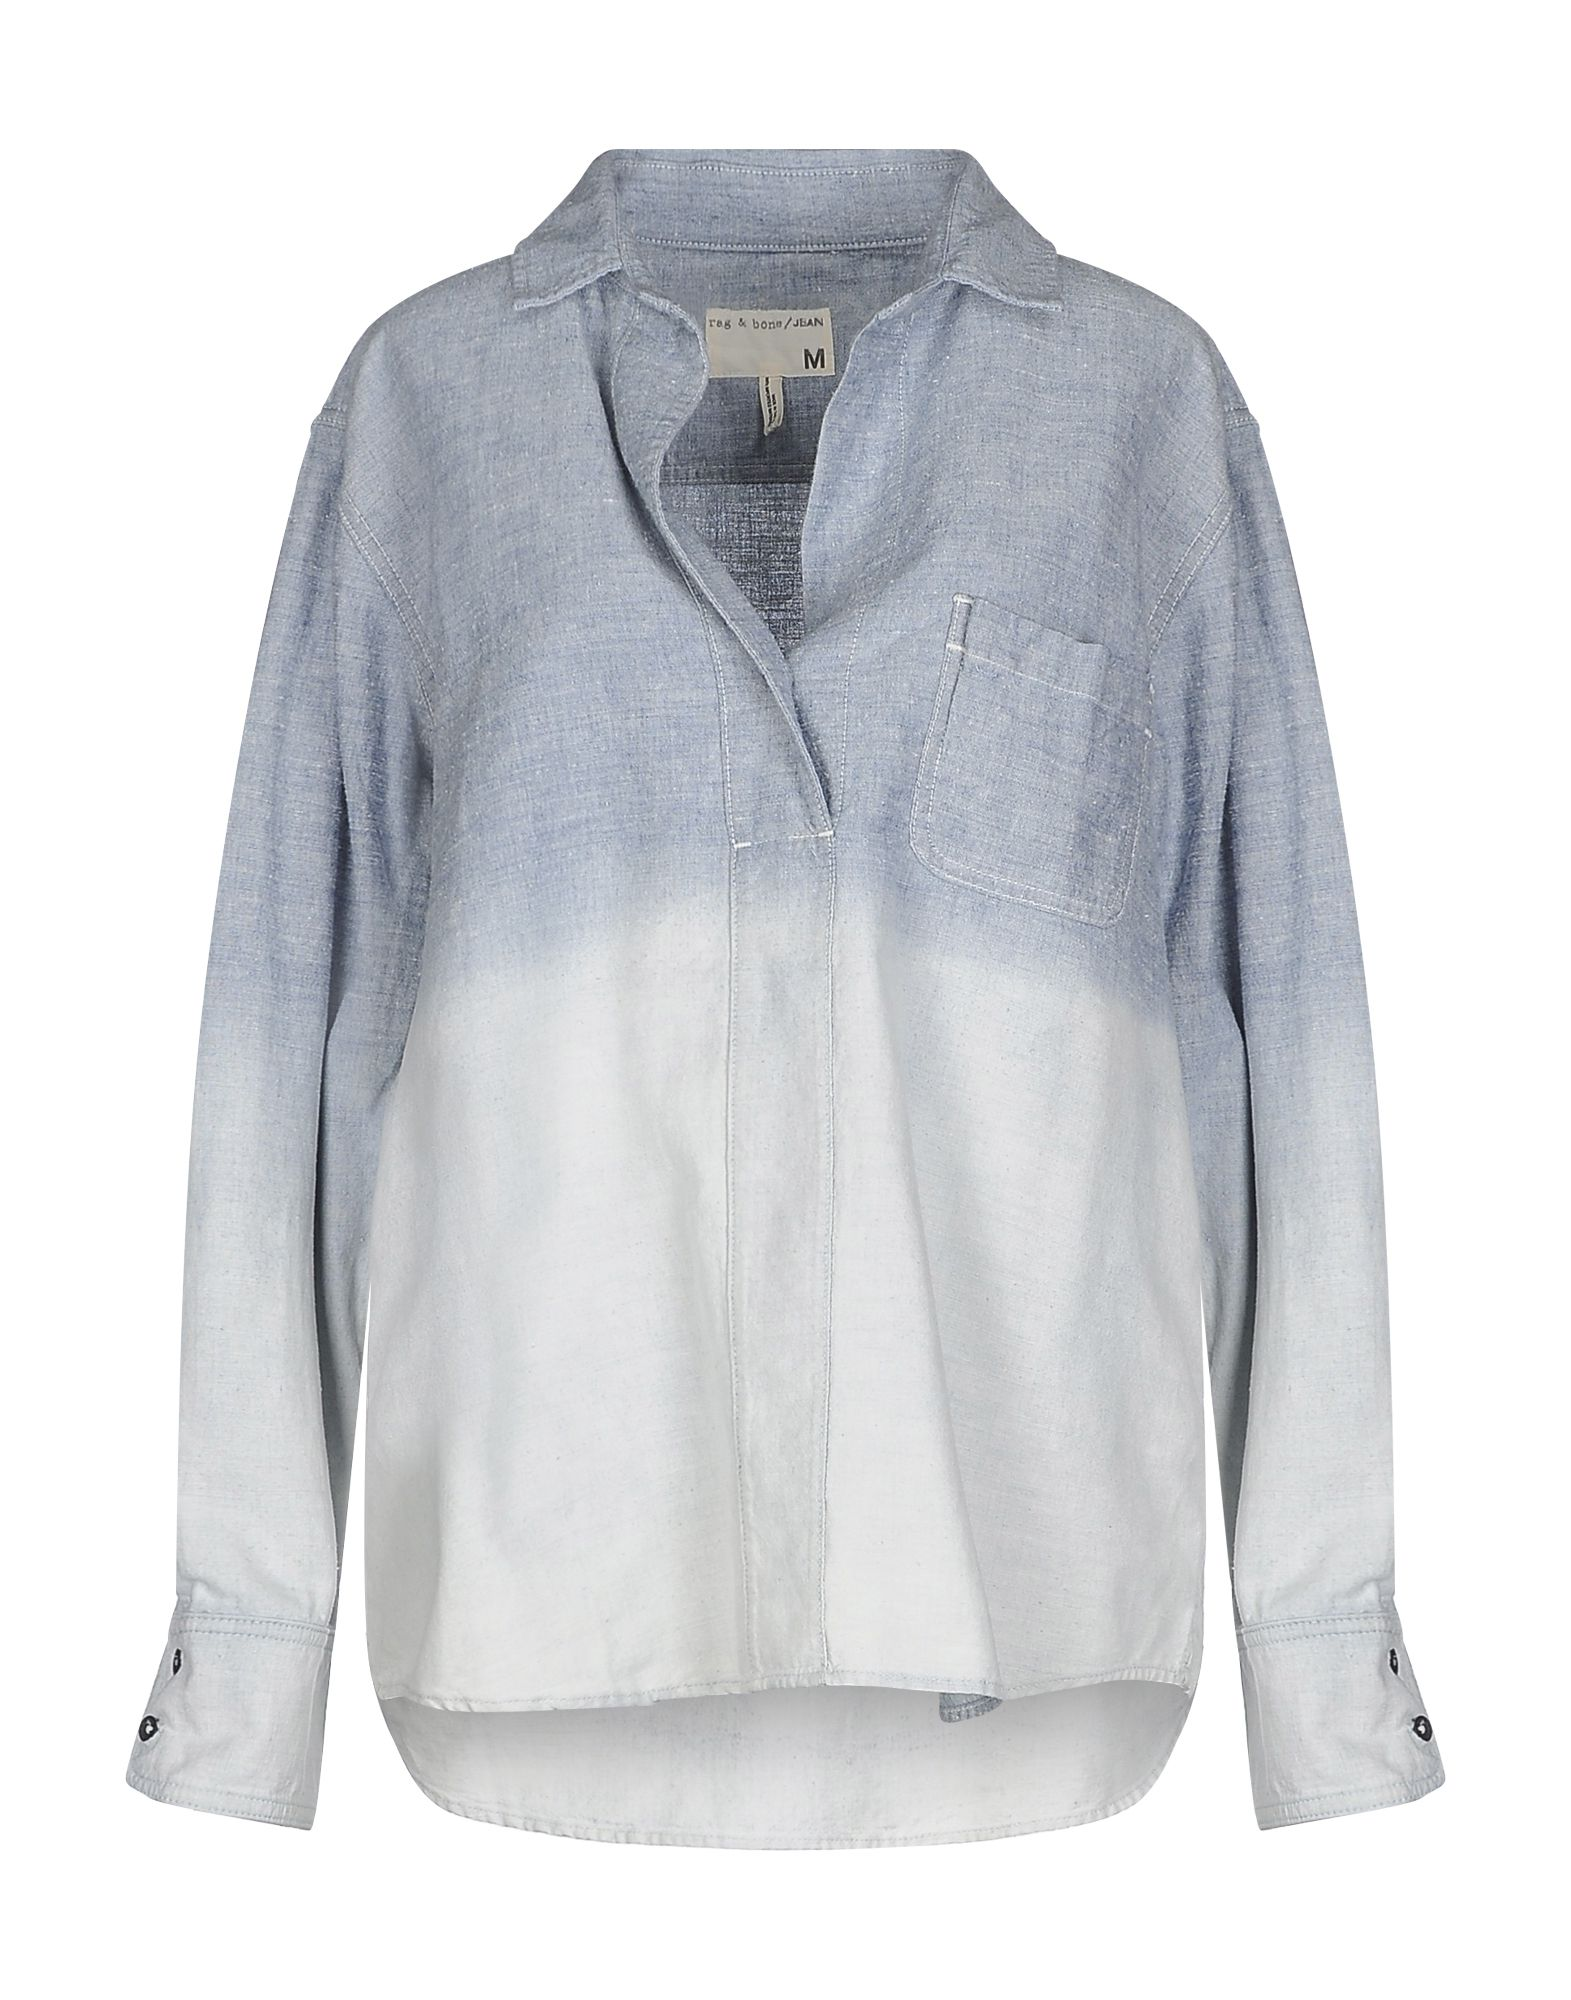 RAG & BONE / JEAN Denim shirts